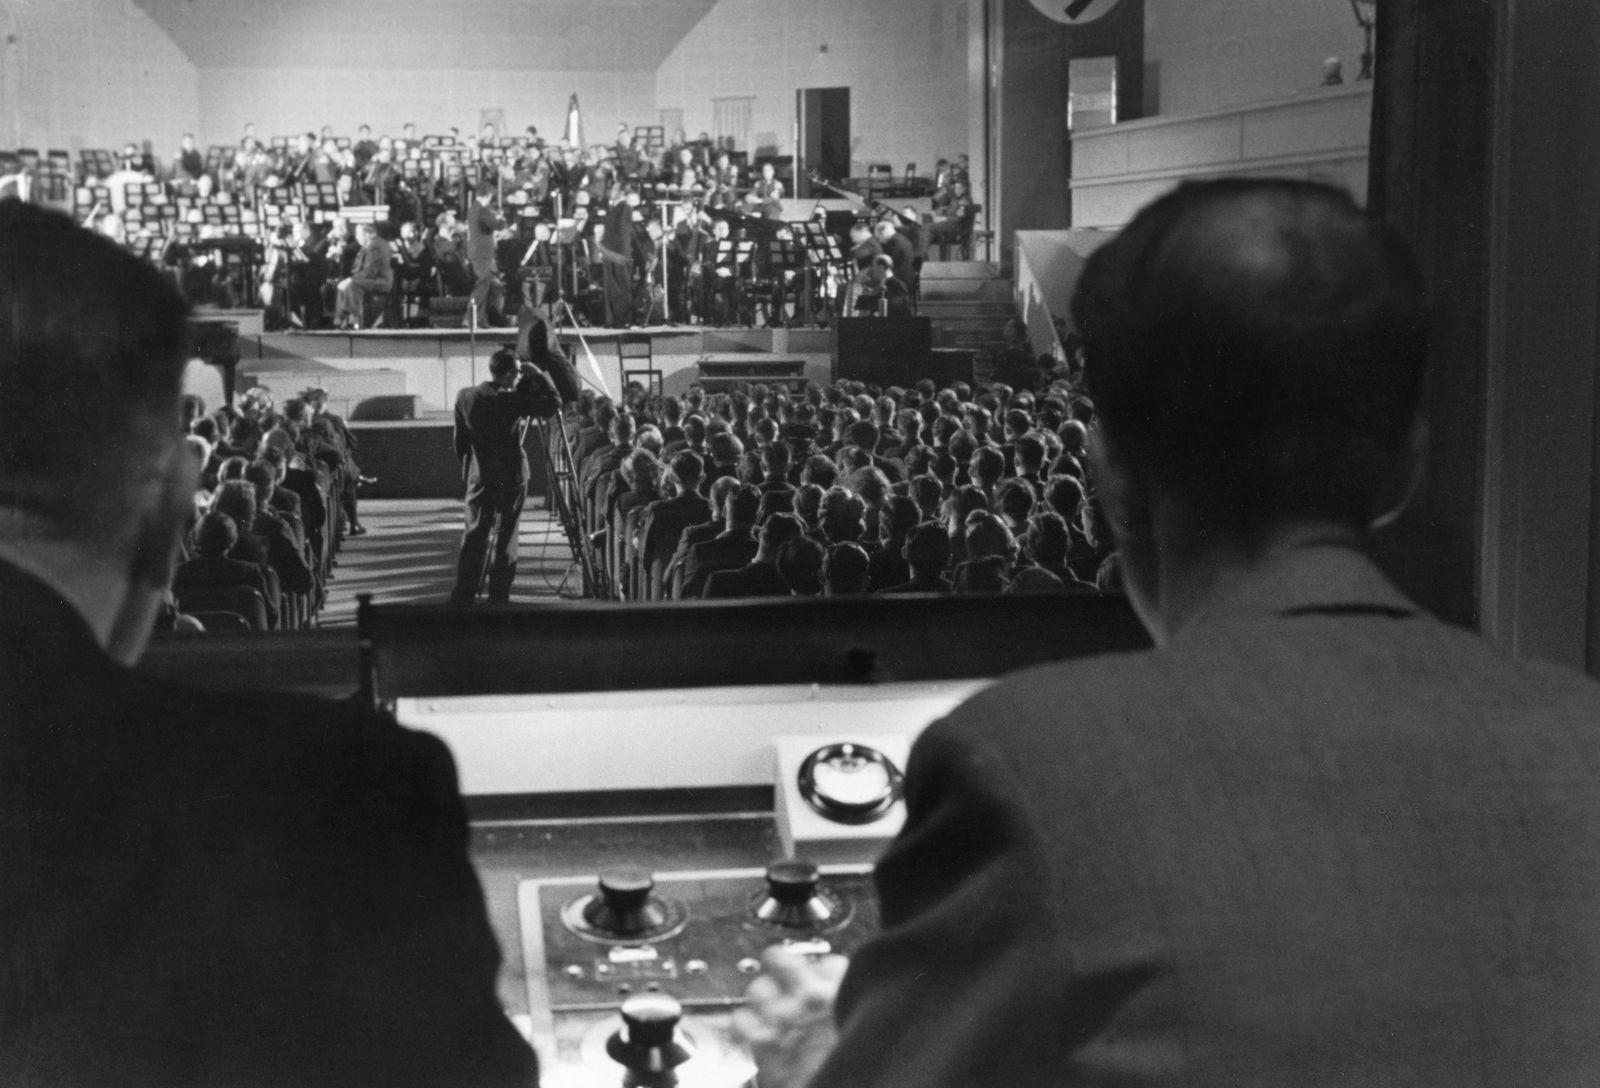 Beim Wunschkonzert für die Wehrmacht unter der Leitung von Heinz Goedecke im Großen Sendesaal im Haus des Rundfunks in Berlin